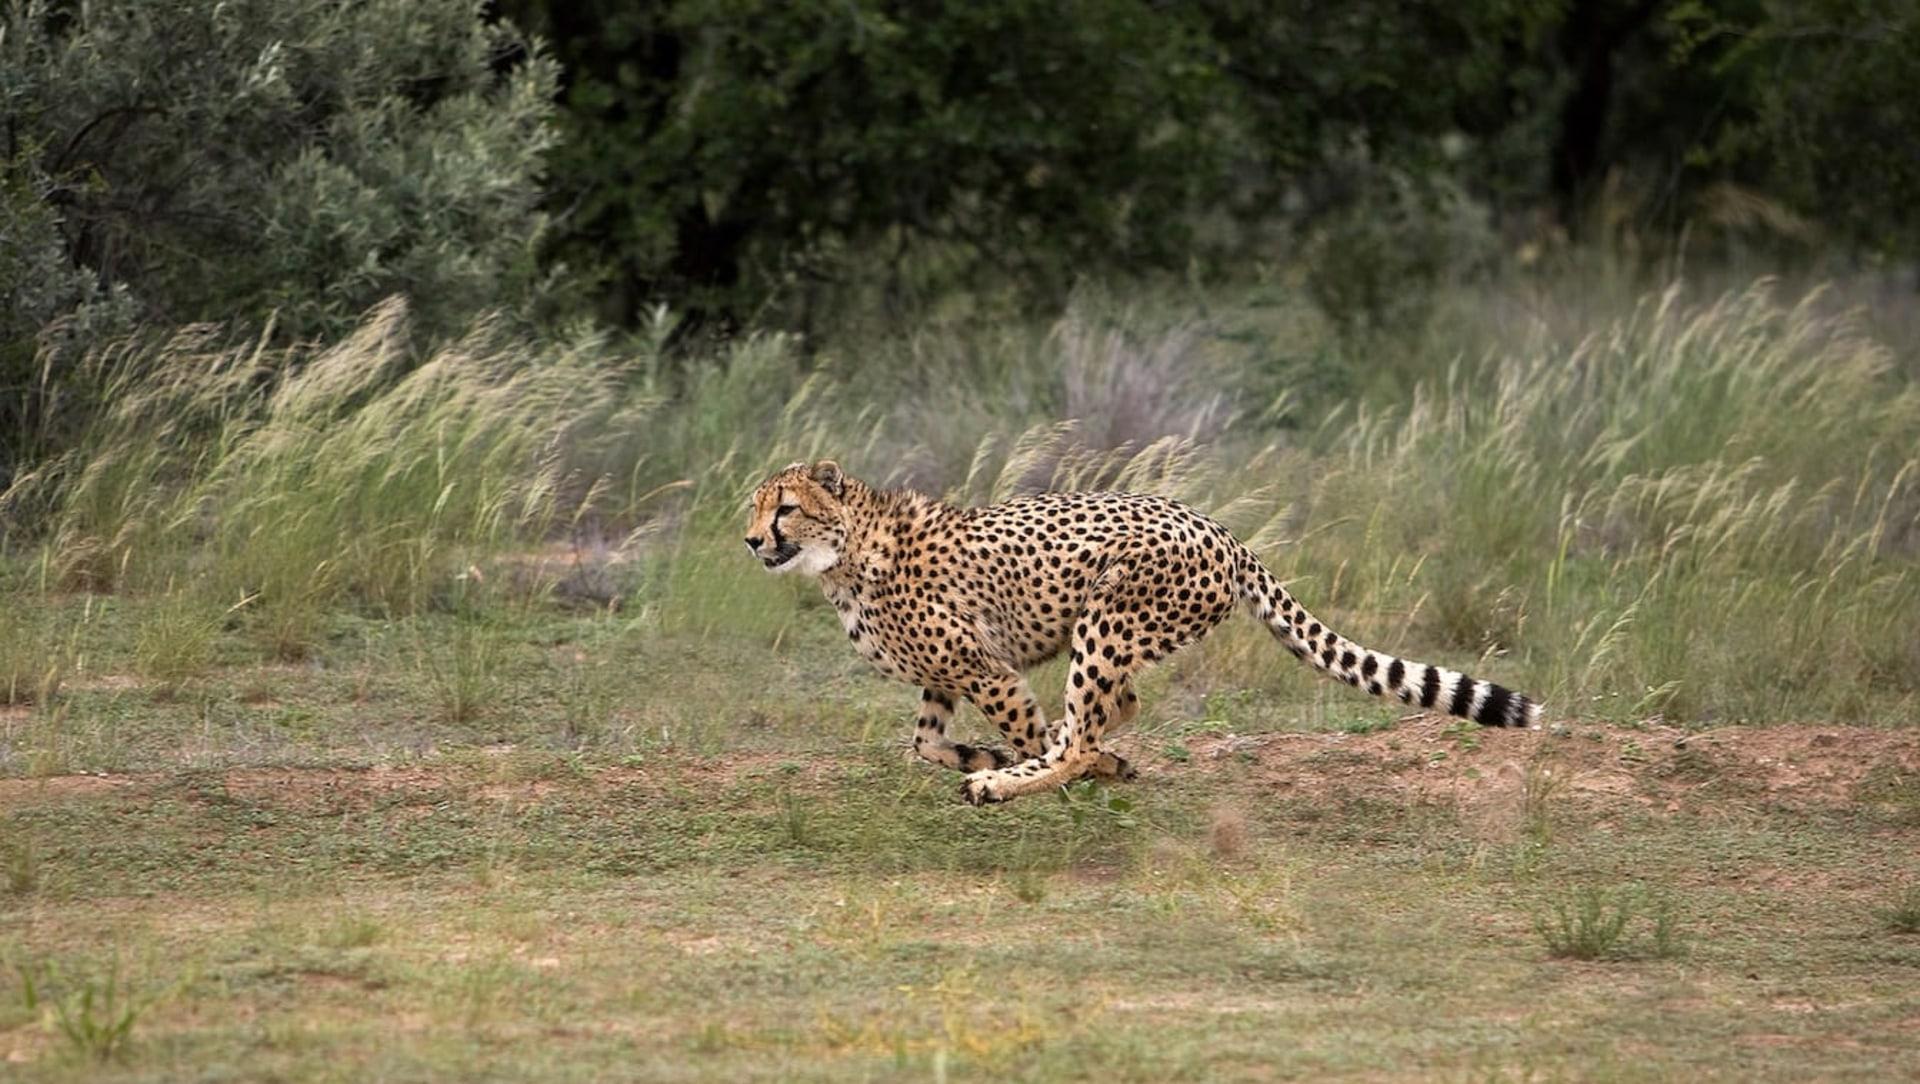 Return of the Cheetah: But Where Will it Roam?